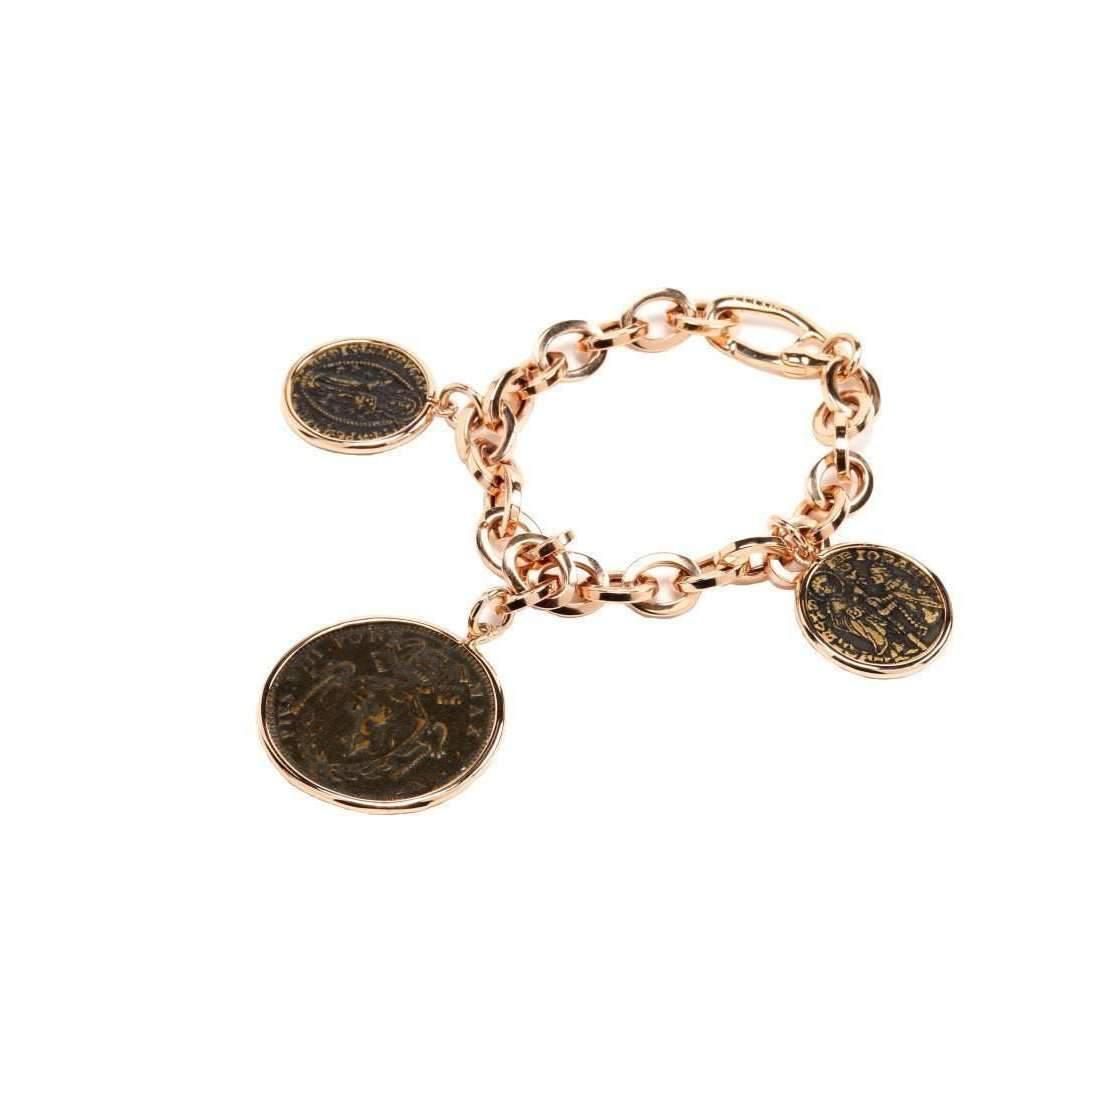 Rina Limor Sunrise Coin Charm Bracelet iG3nz9hH